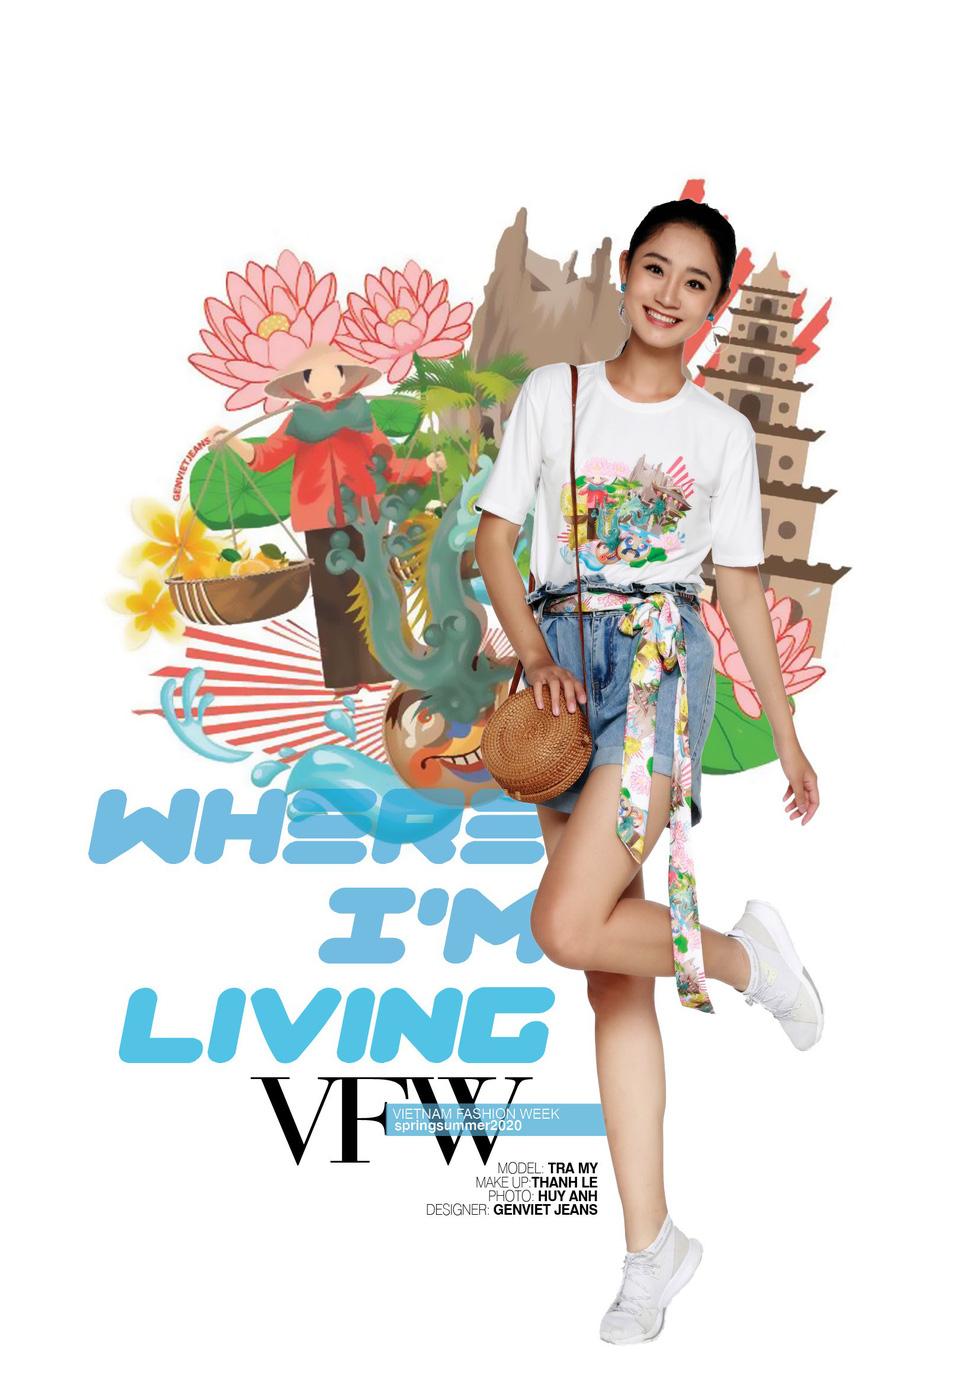 NTK Minh Hạnh: Sao phải đợi Louis Vuitton, ta mới thấy Việt Nam mình đẹp! - Ảnh 9.